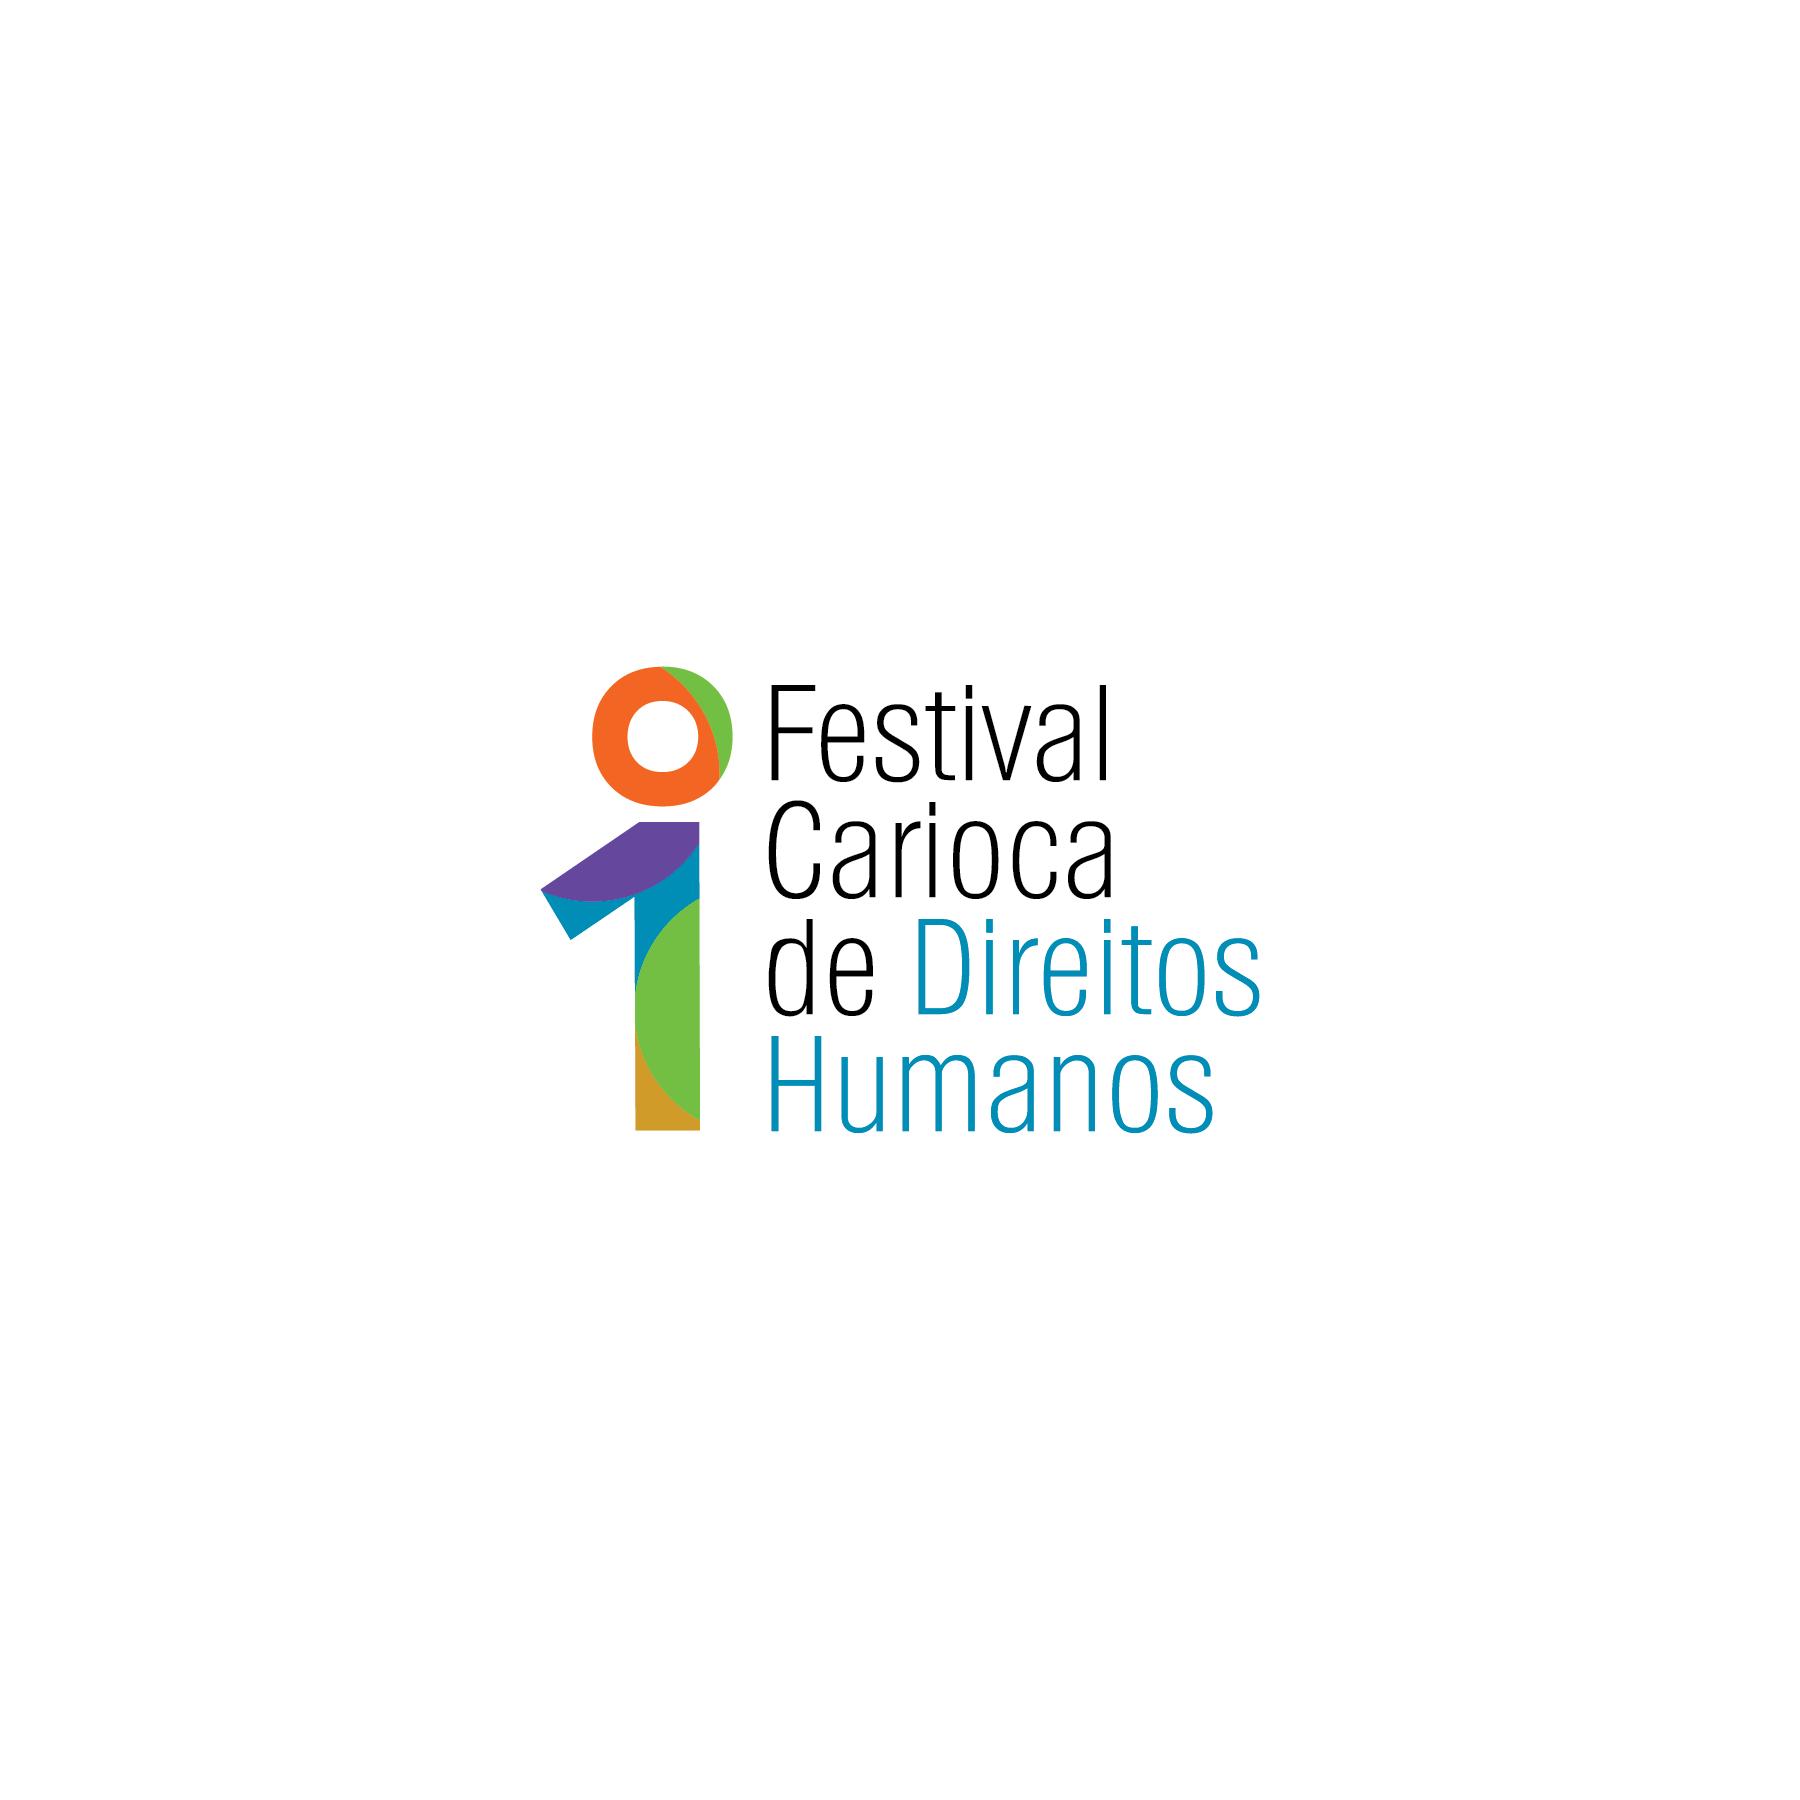 1 FESTIVAL DE DIREITOS HUMANOS